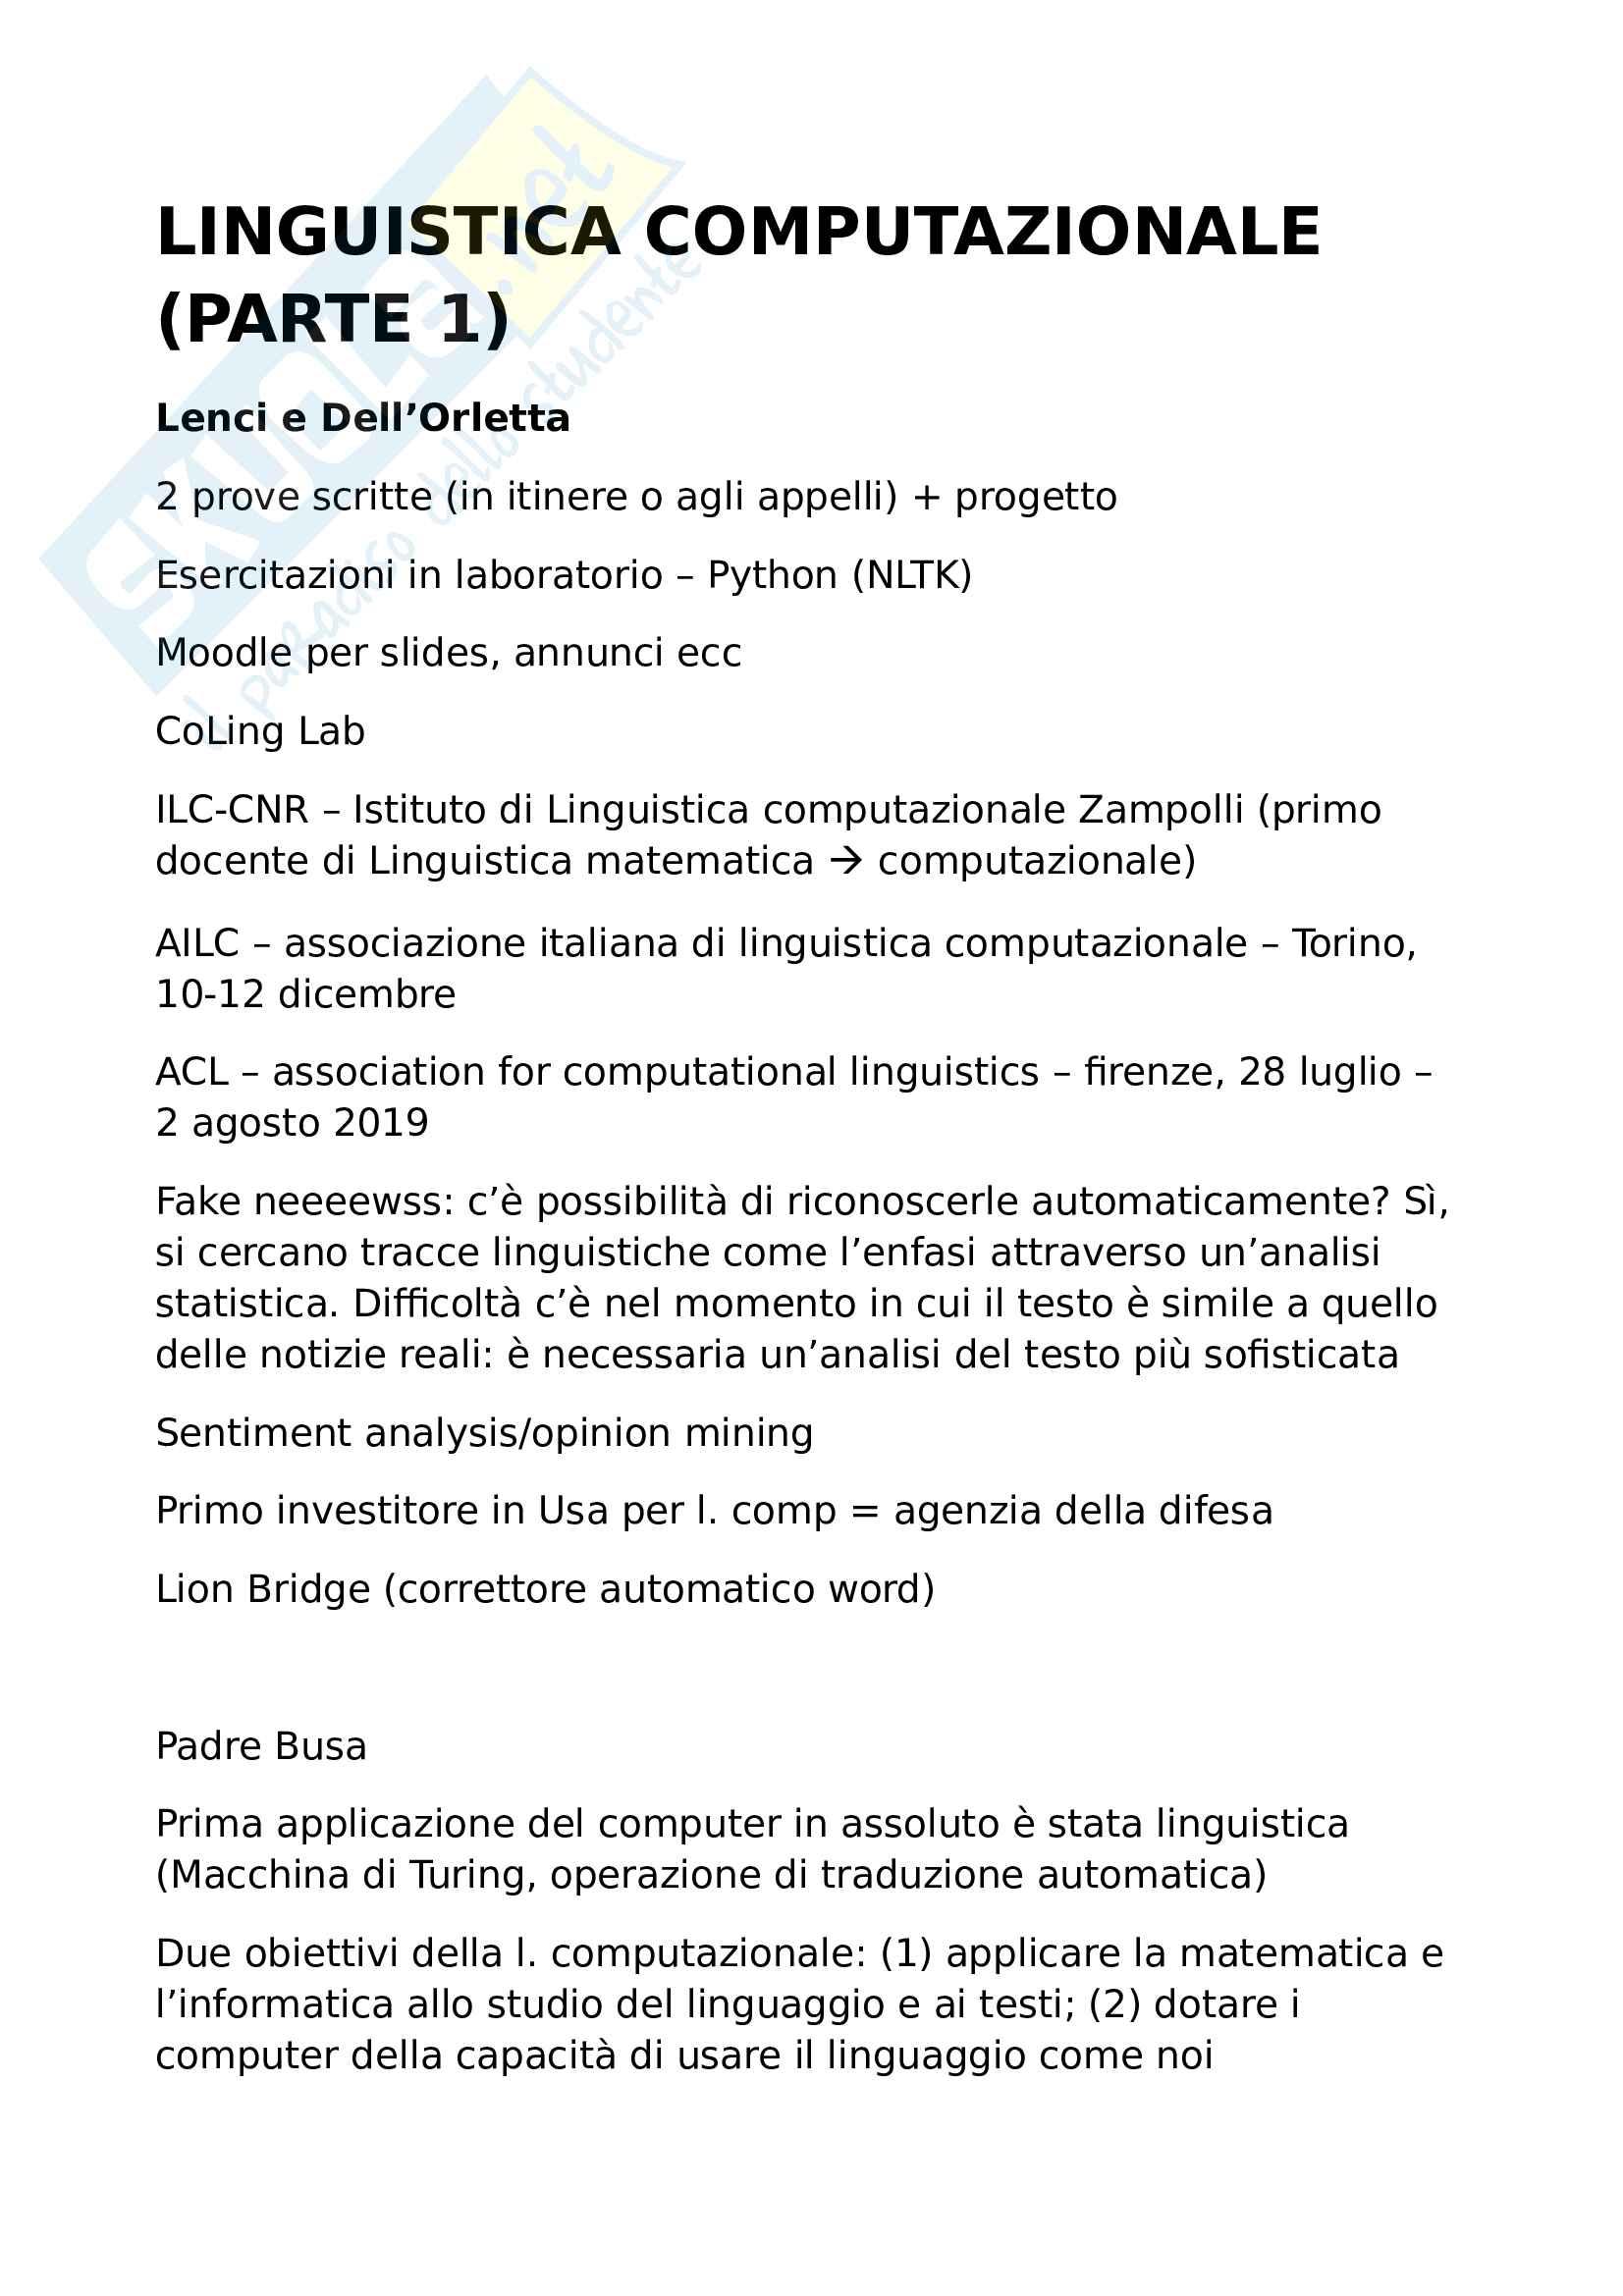 Linguistica computazionale - parte 1